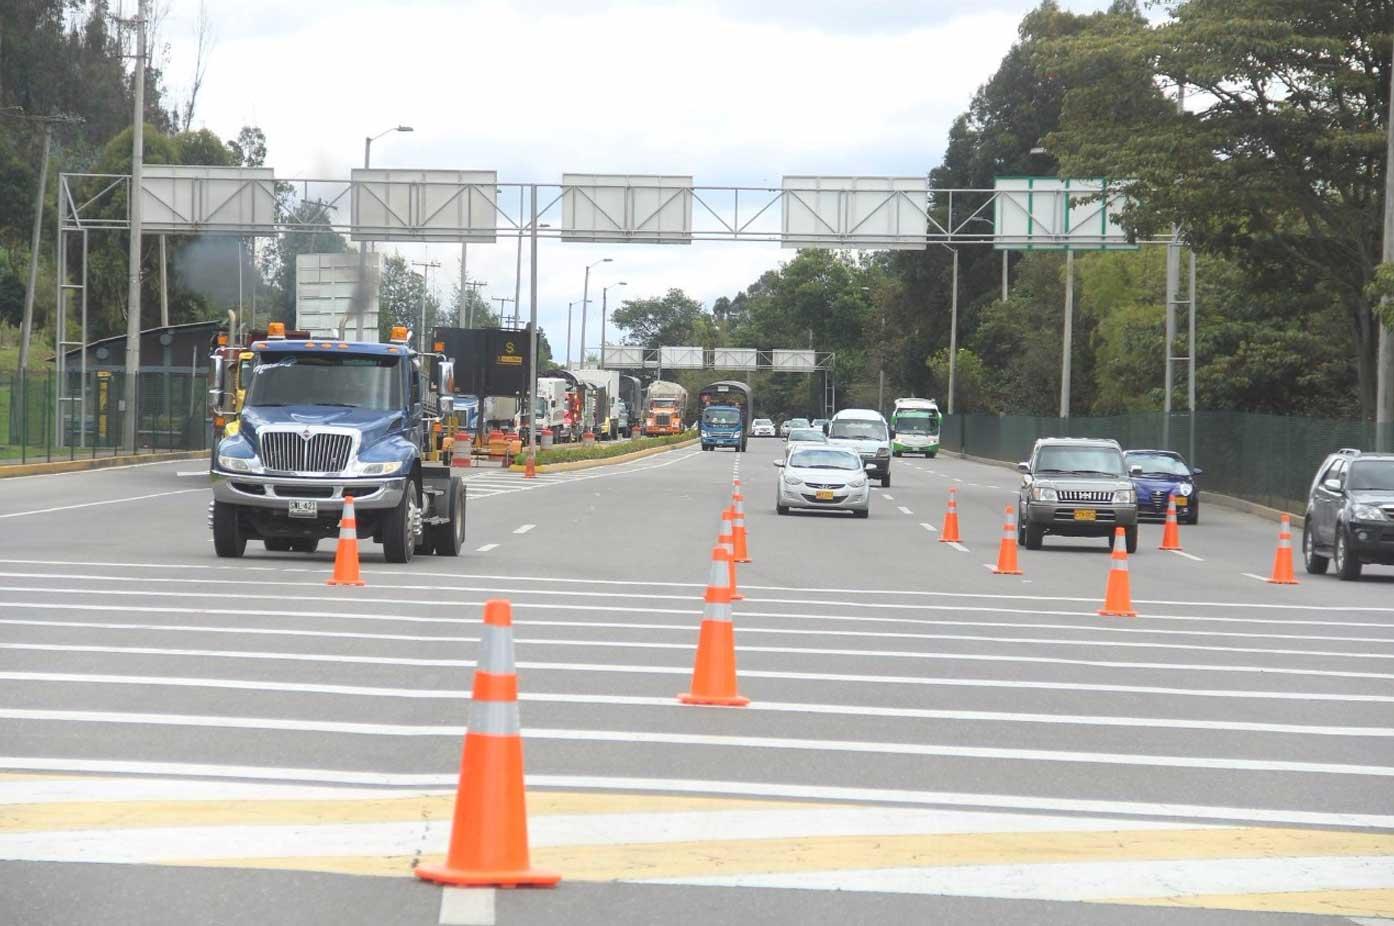 """Restricción para vehículos de carga para el puente festivo """"Día de la Independencia"""" del jueves 19 al domingo 22 de julio 2018 en la Red Vial Nacional"""